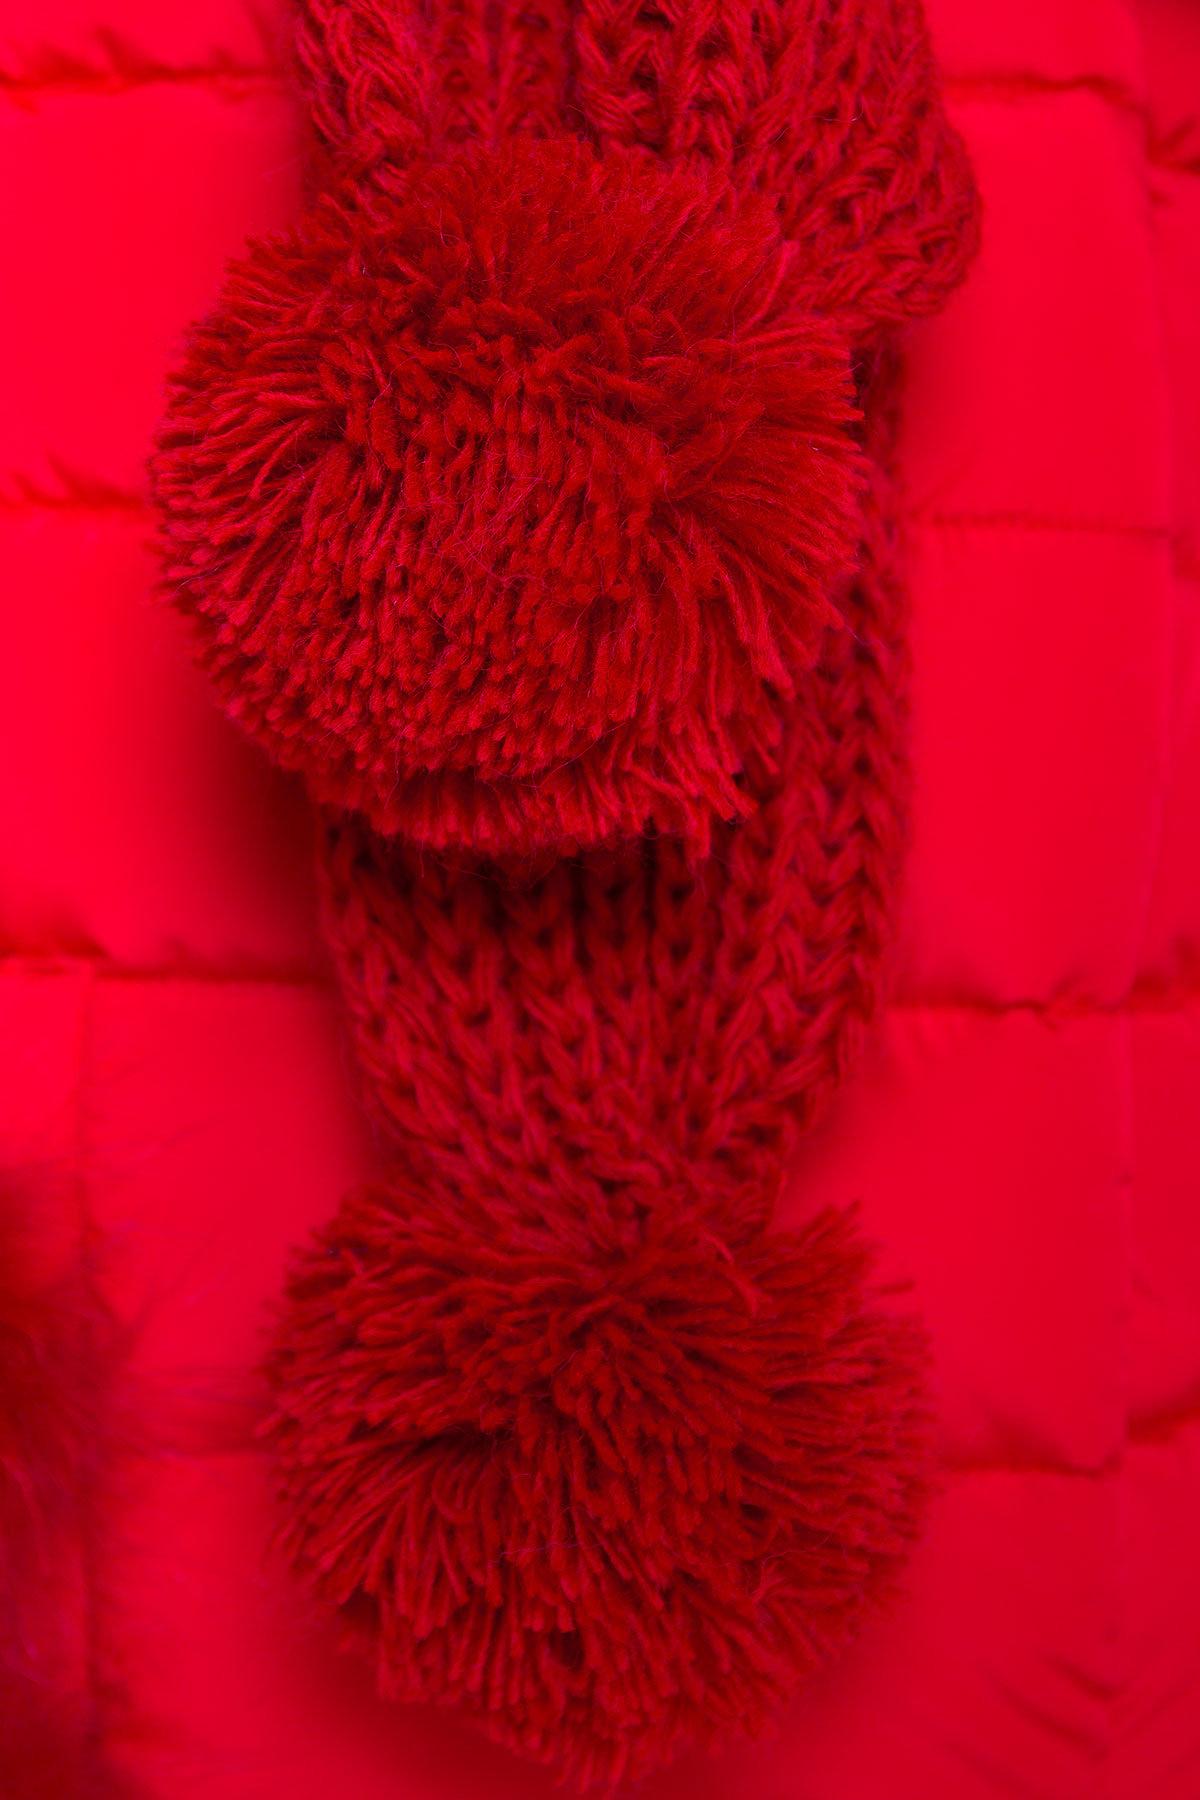 Пуховик с меховыми карманами Лили 3523 АРТ. 19110 Цвет: Красный - фото 5, интернет магазин tm-modus.ru